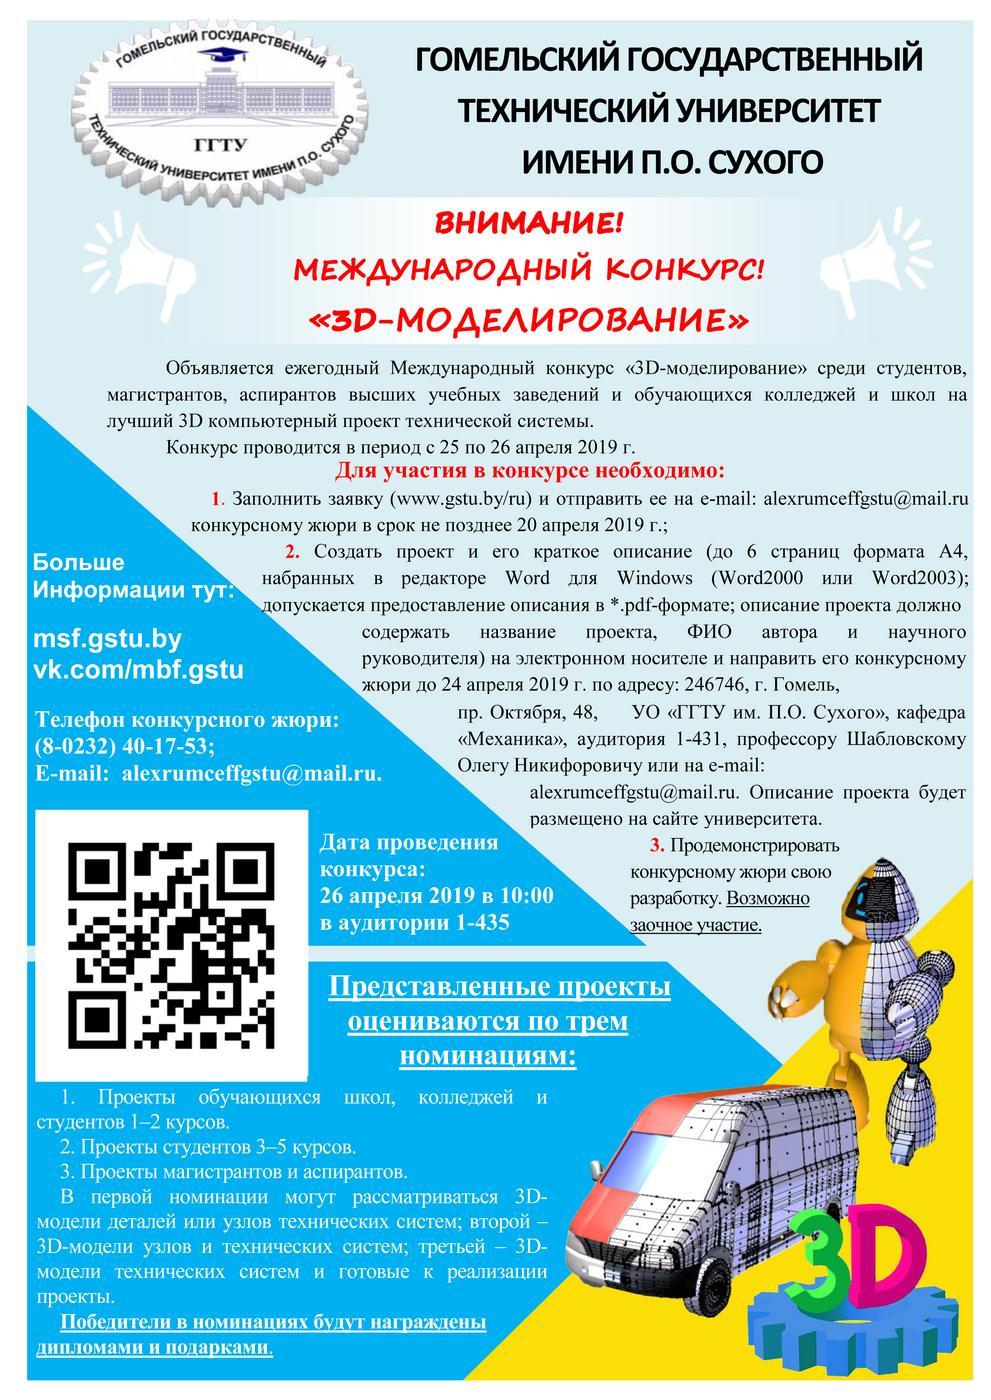 Международный конкурс «3D-моделирование»